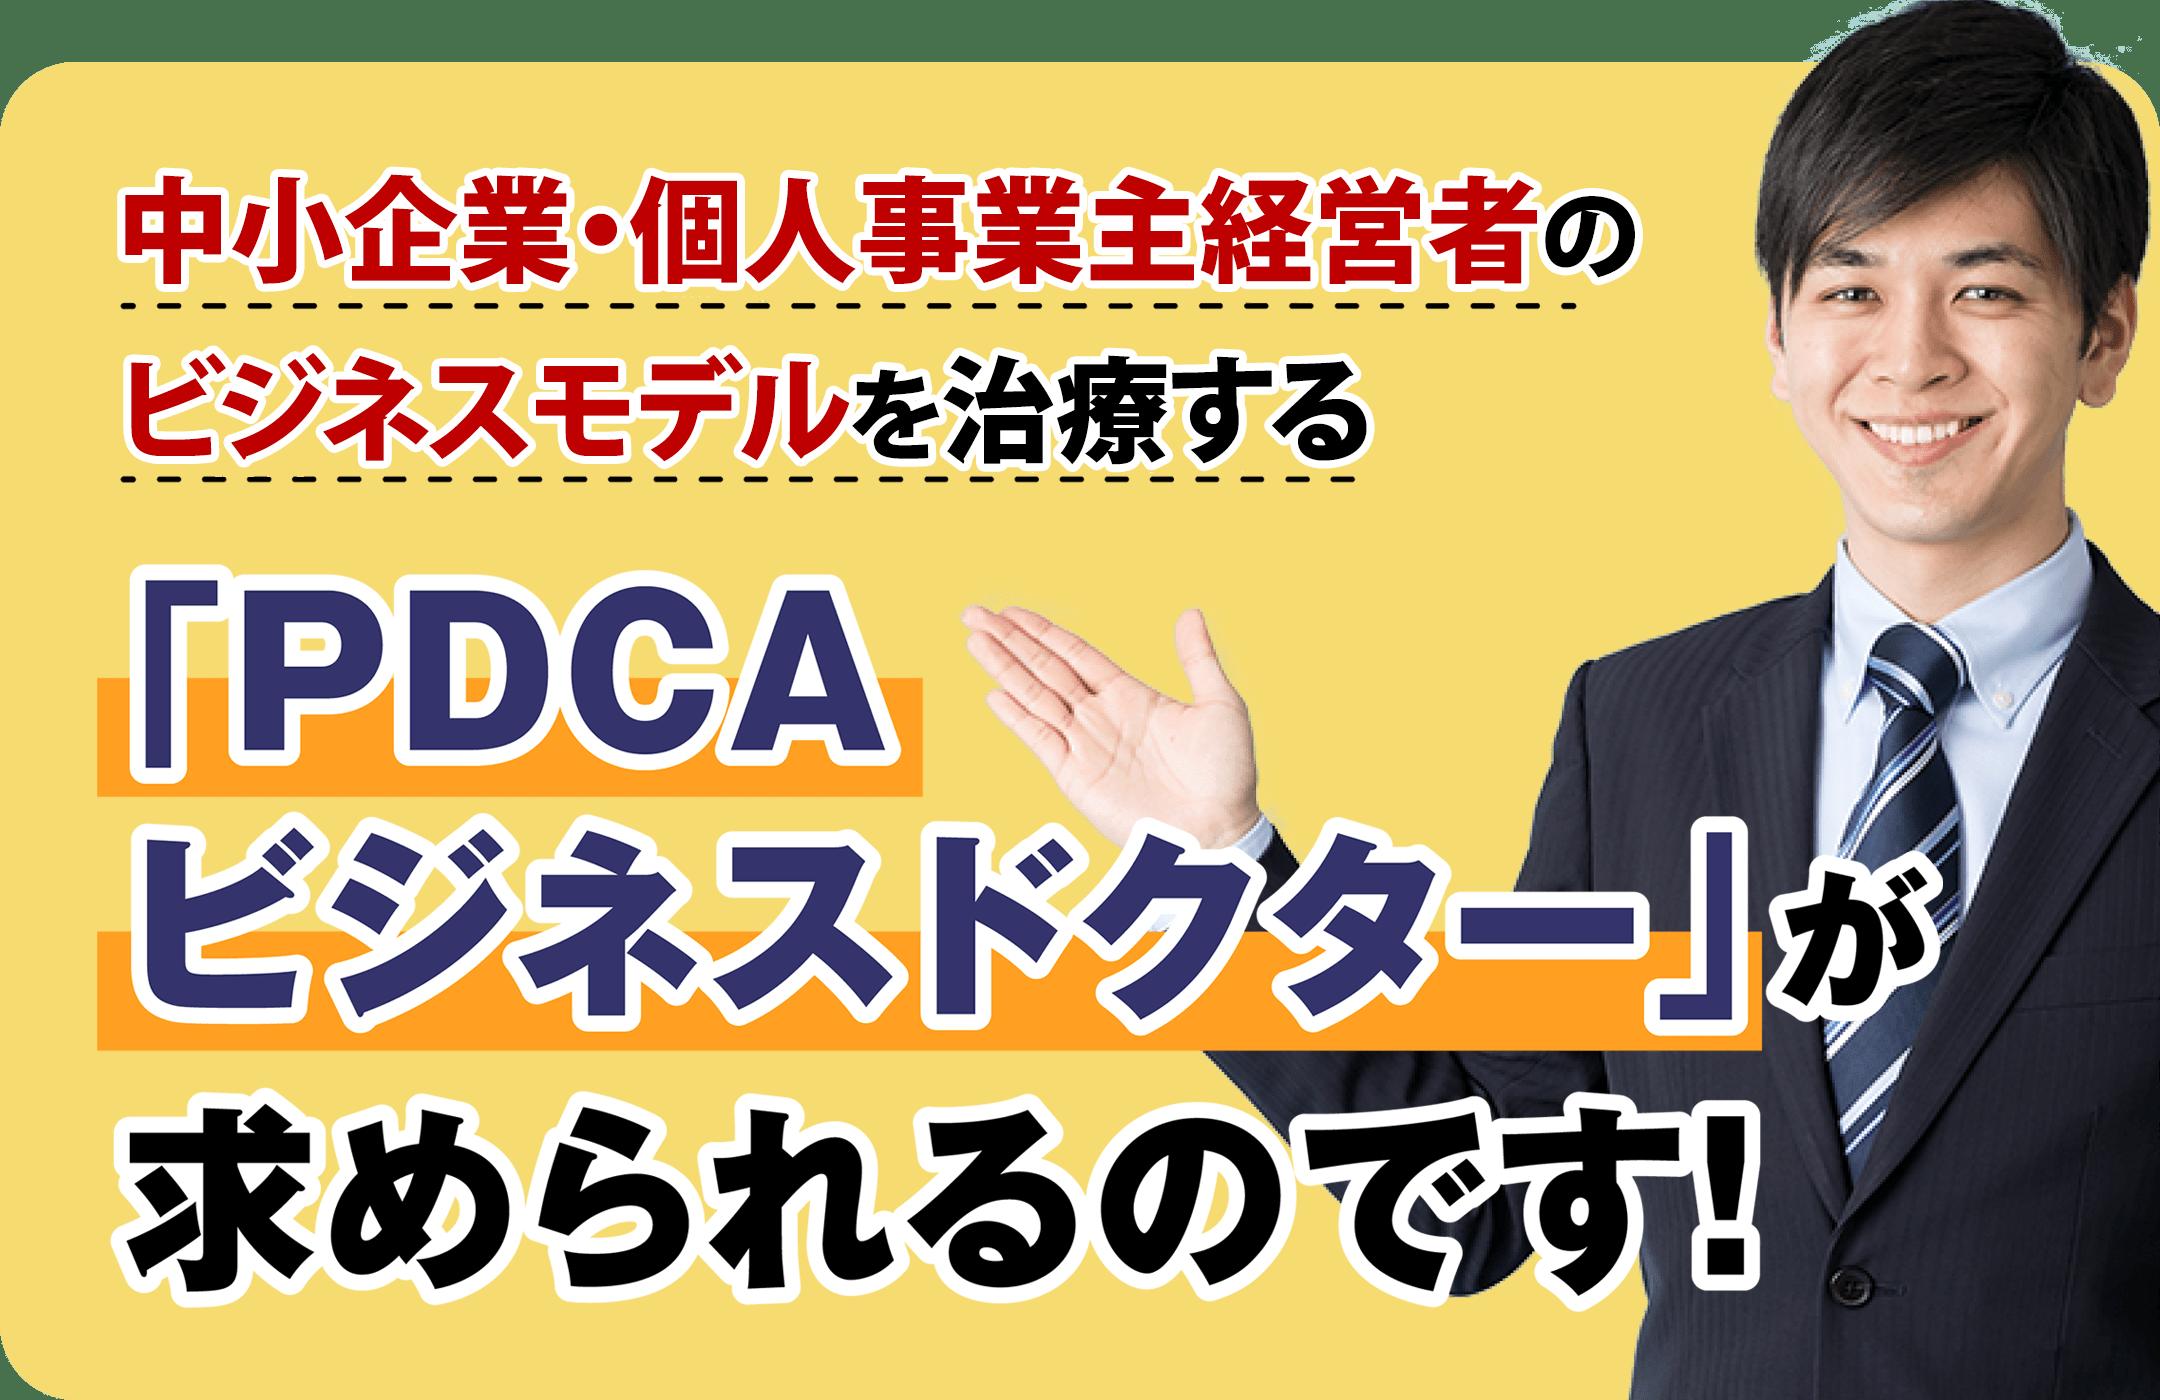 中小企業・個人事業主経営者のビジネスモデルを治療する「PDCAビジネスドクター」が求められるのです!